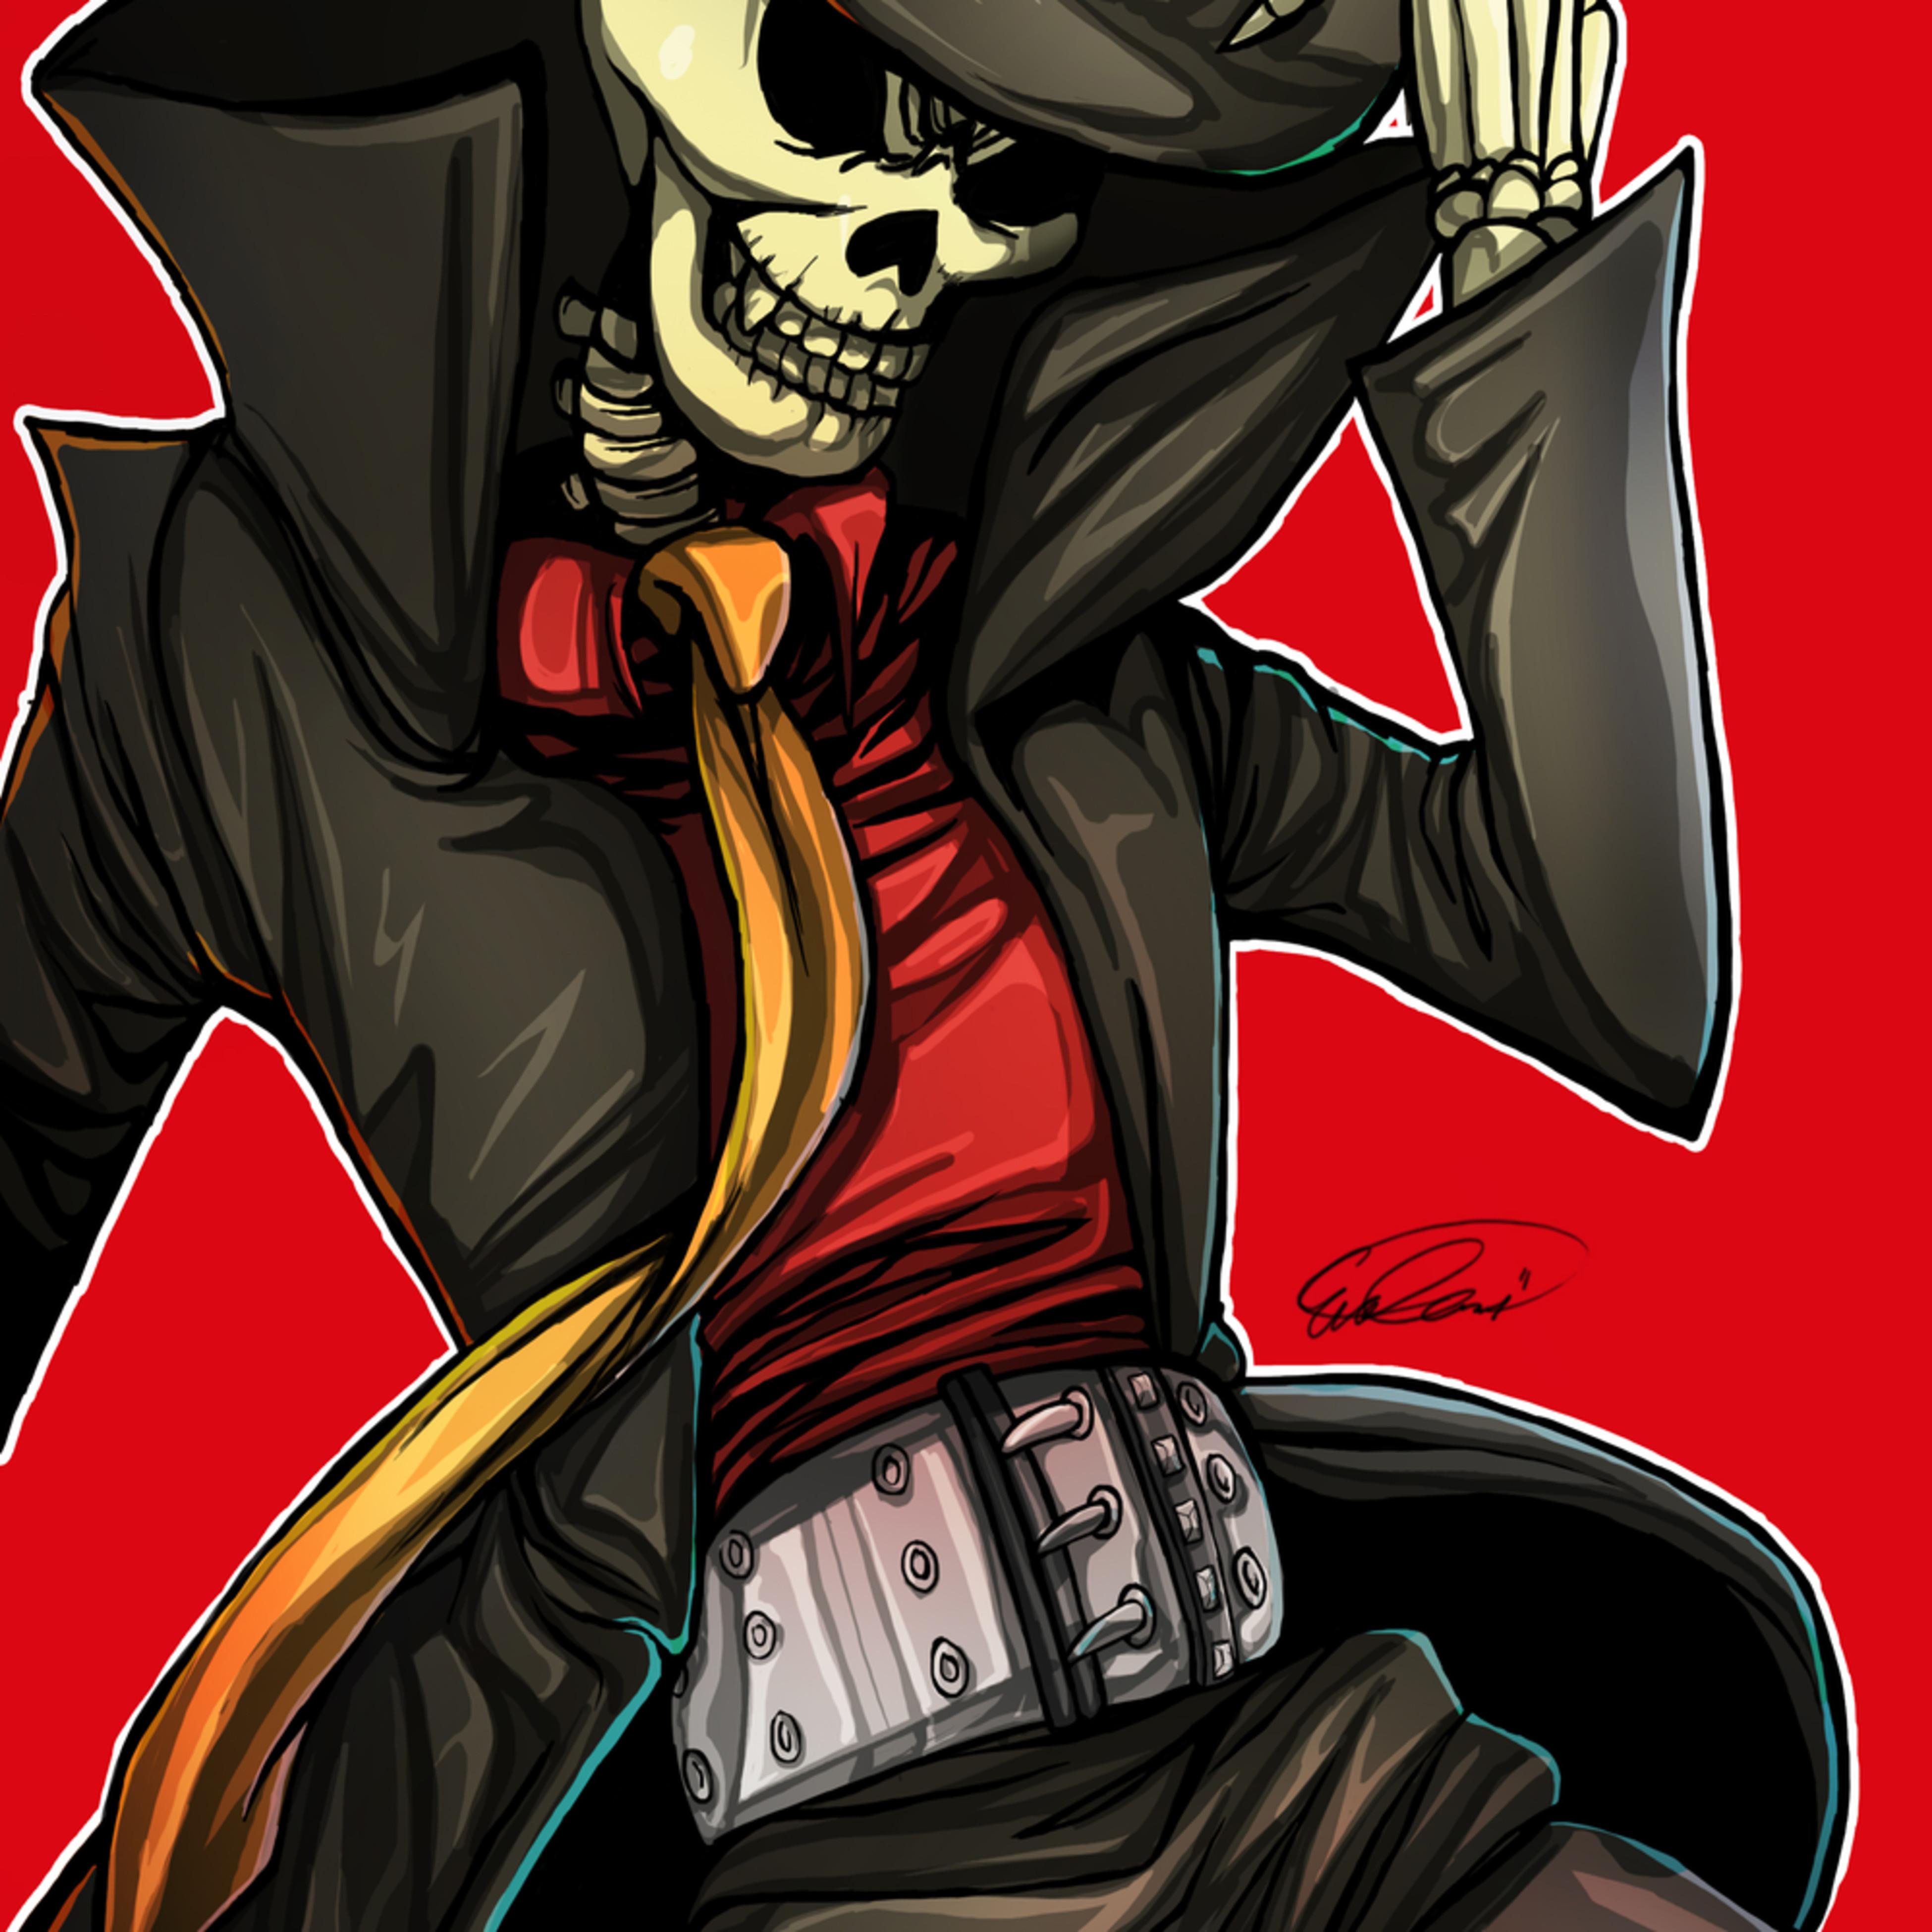 Skull hat man 13x19 bwfawn